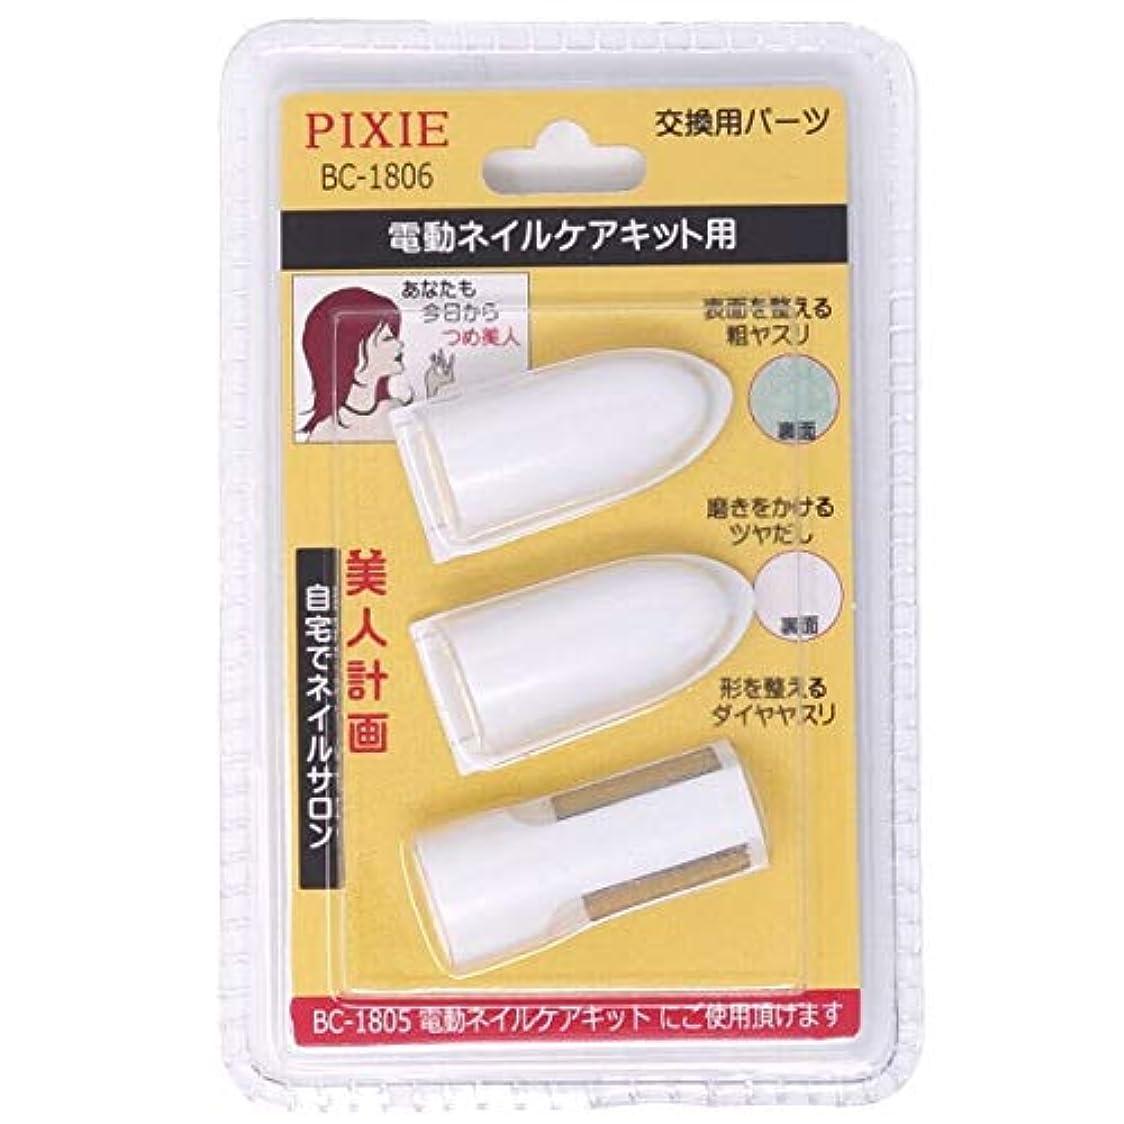 迷惑ねじれこれまで爪美人 電動ネイルケアキット用 交換パーツセット PIXIE BC-1807